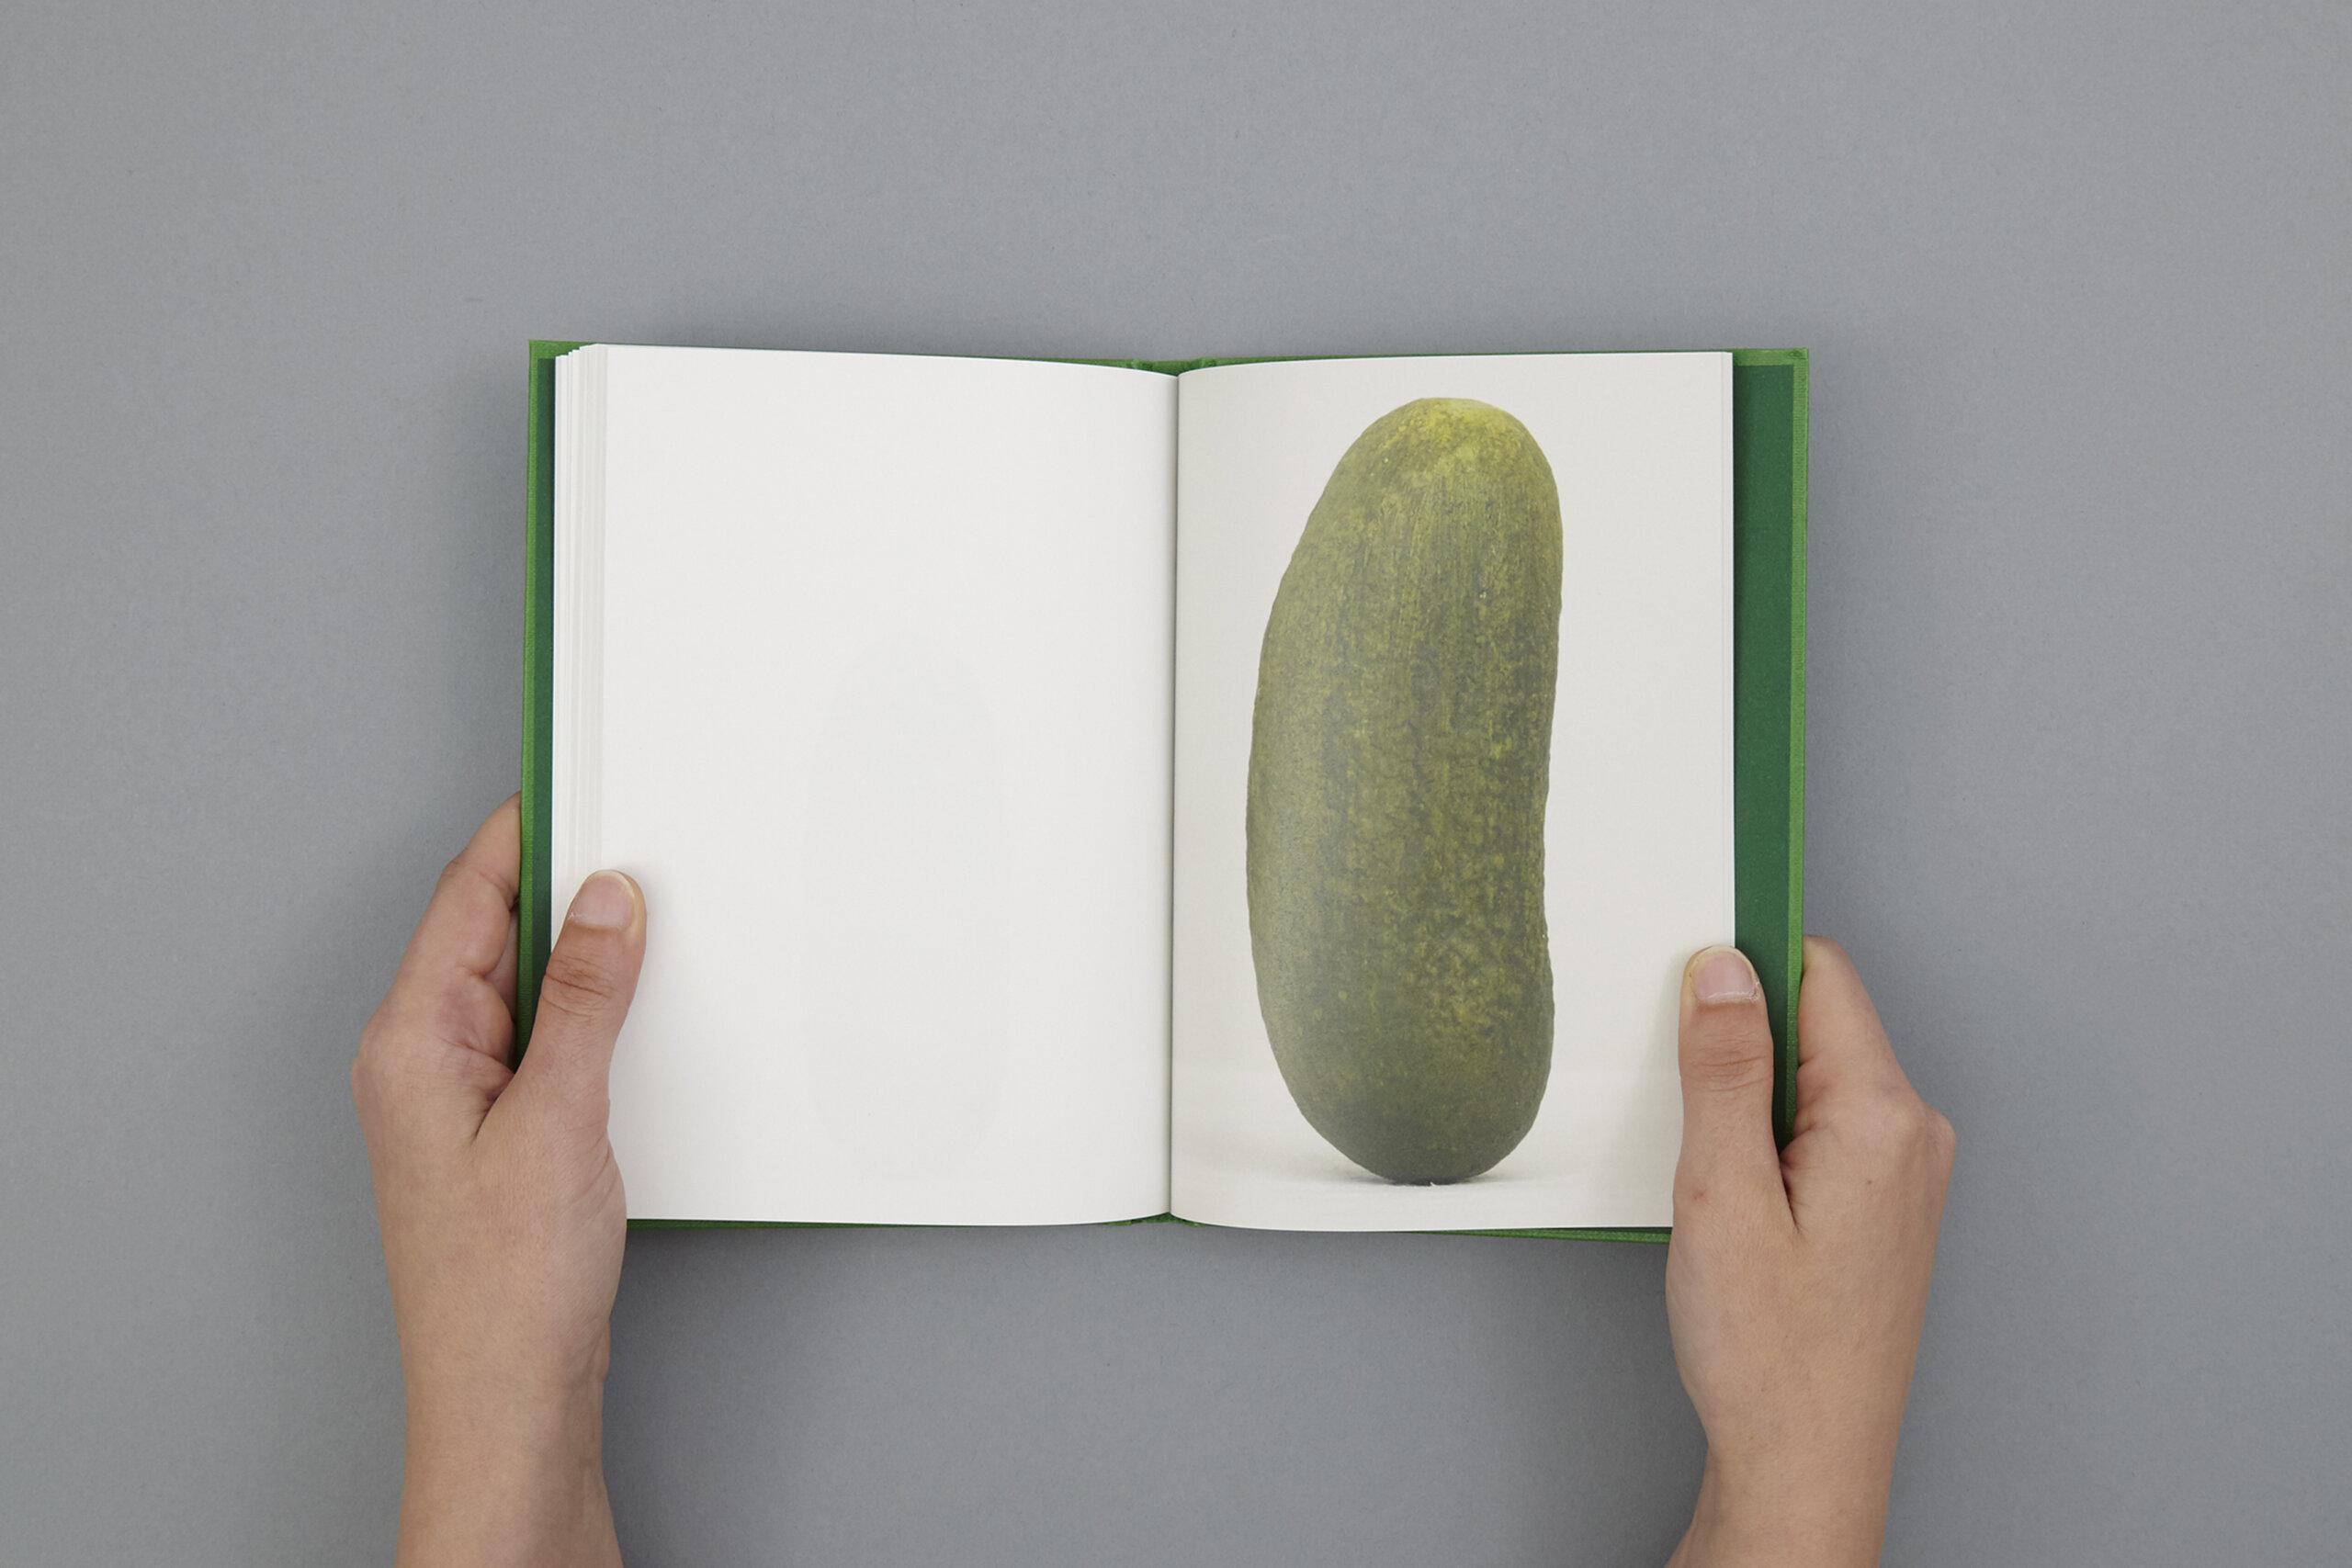 wurm-self-portrait-47-pickles-delpire-co